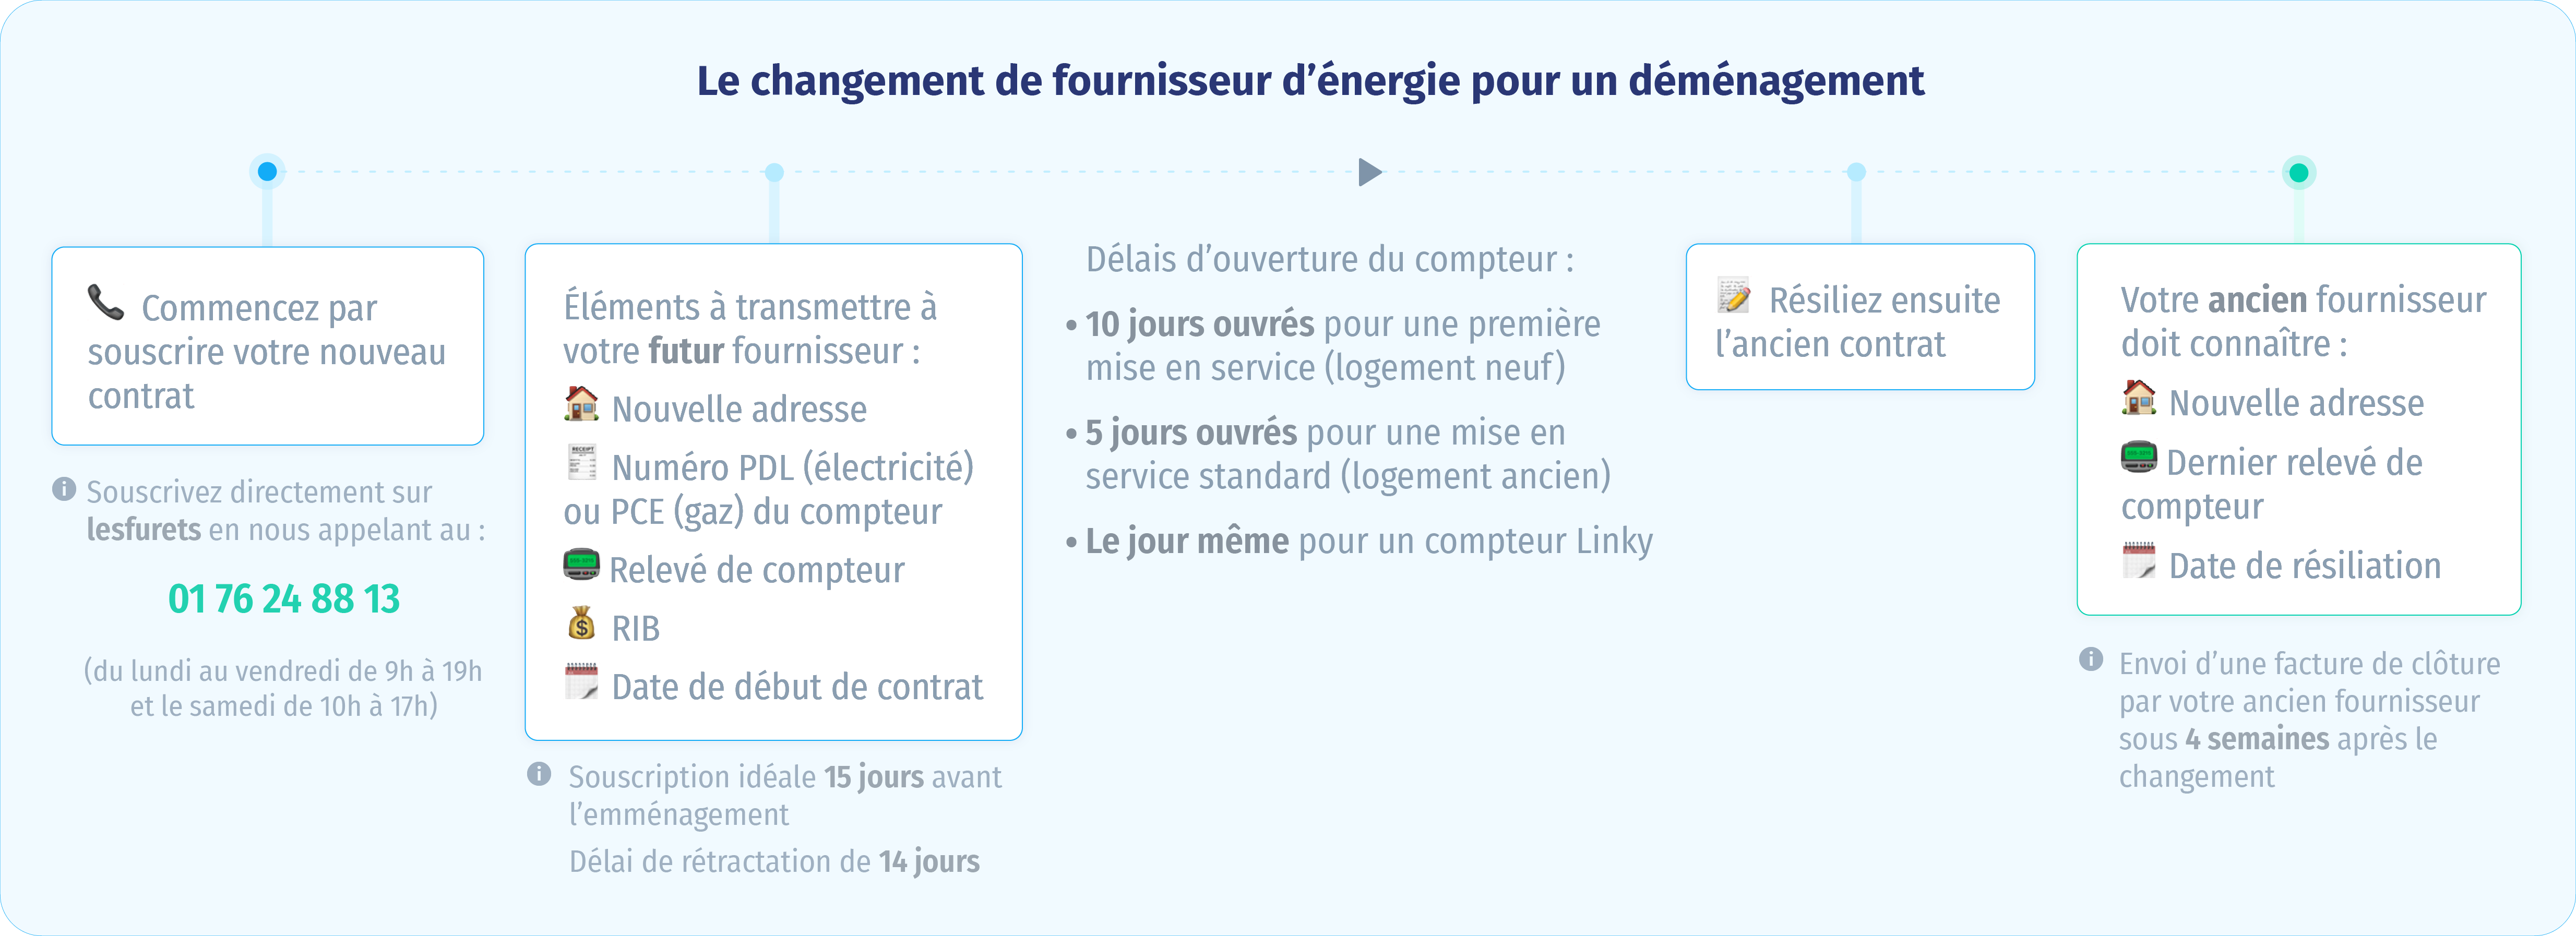 changer-fournisseur-energie-demenagement